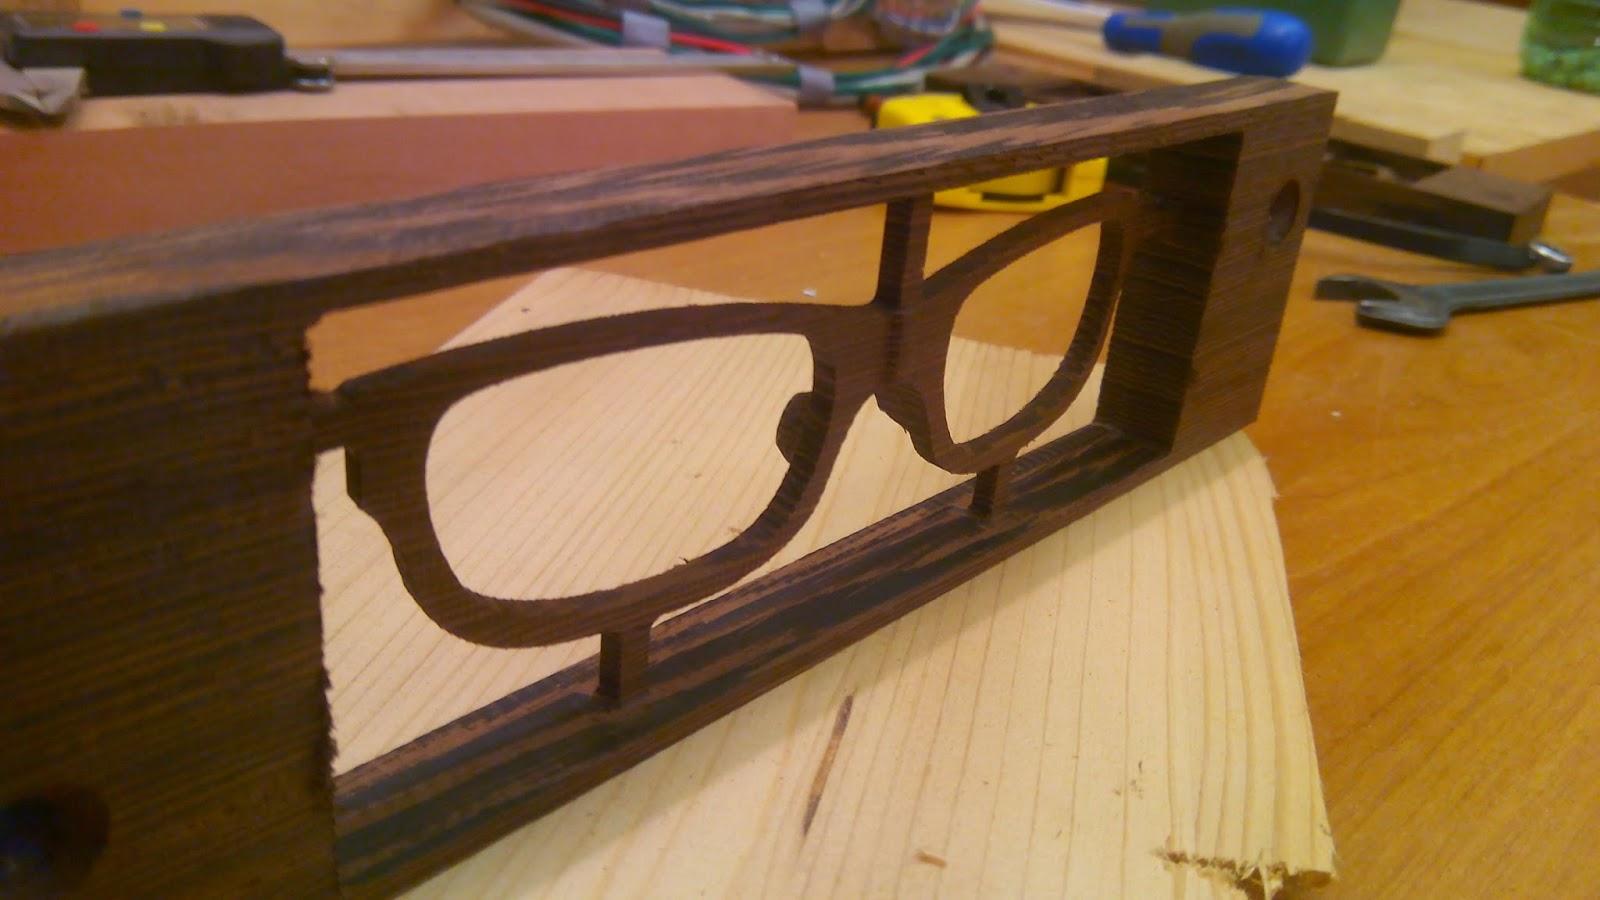 Diy progetti cnc realizzare una montatura per occhiali for Progetti 3d